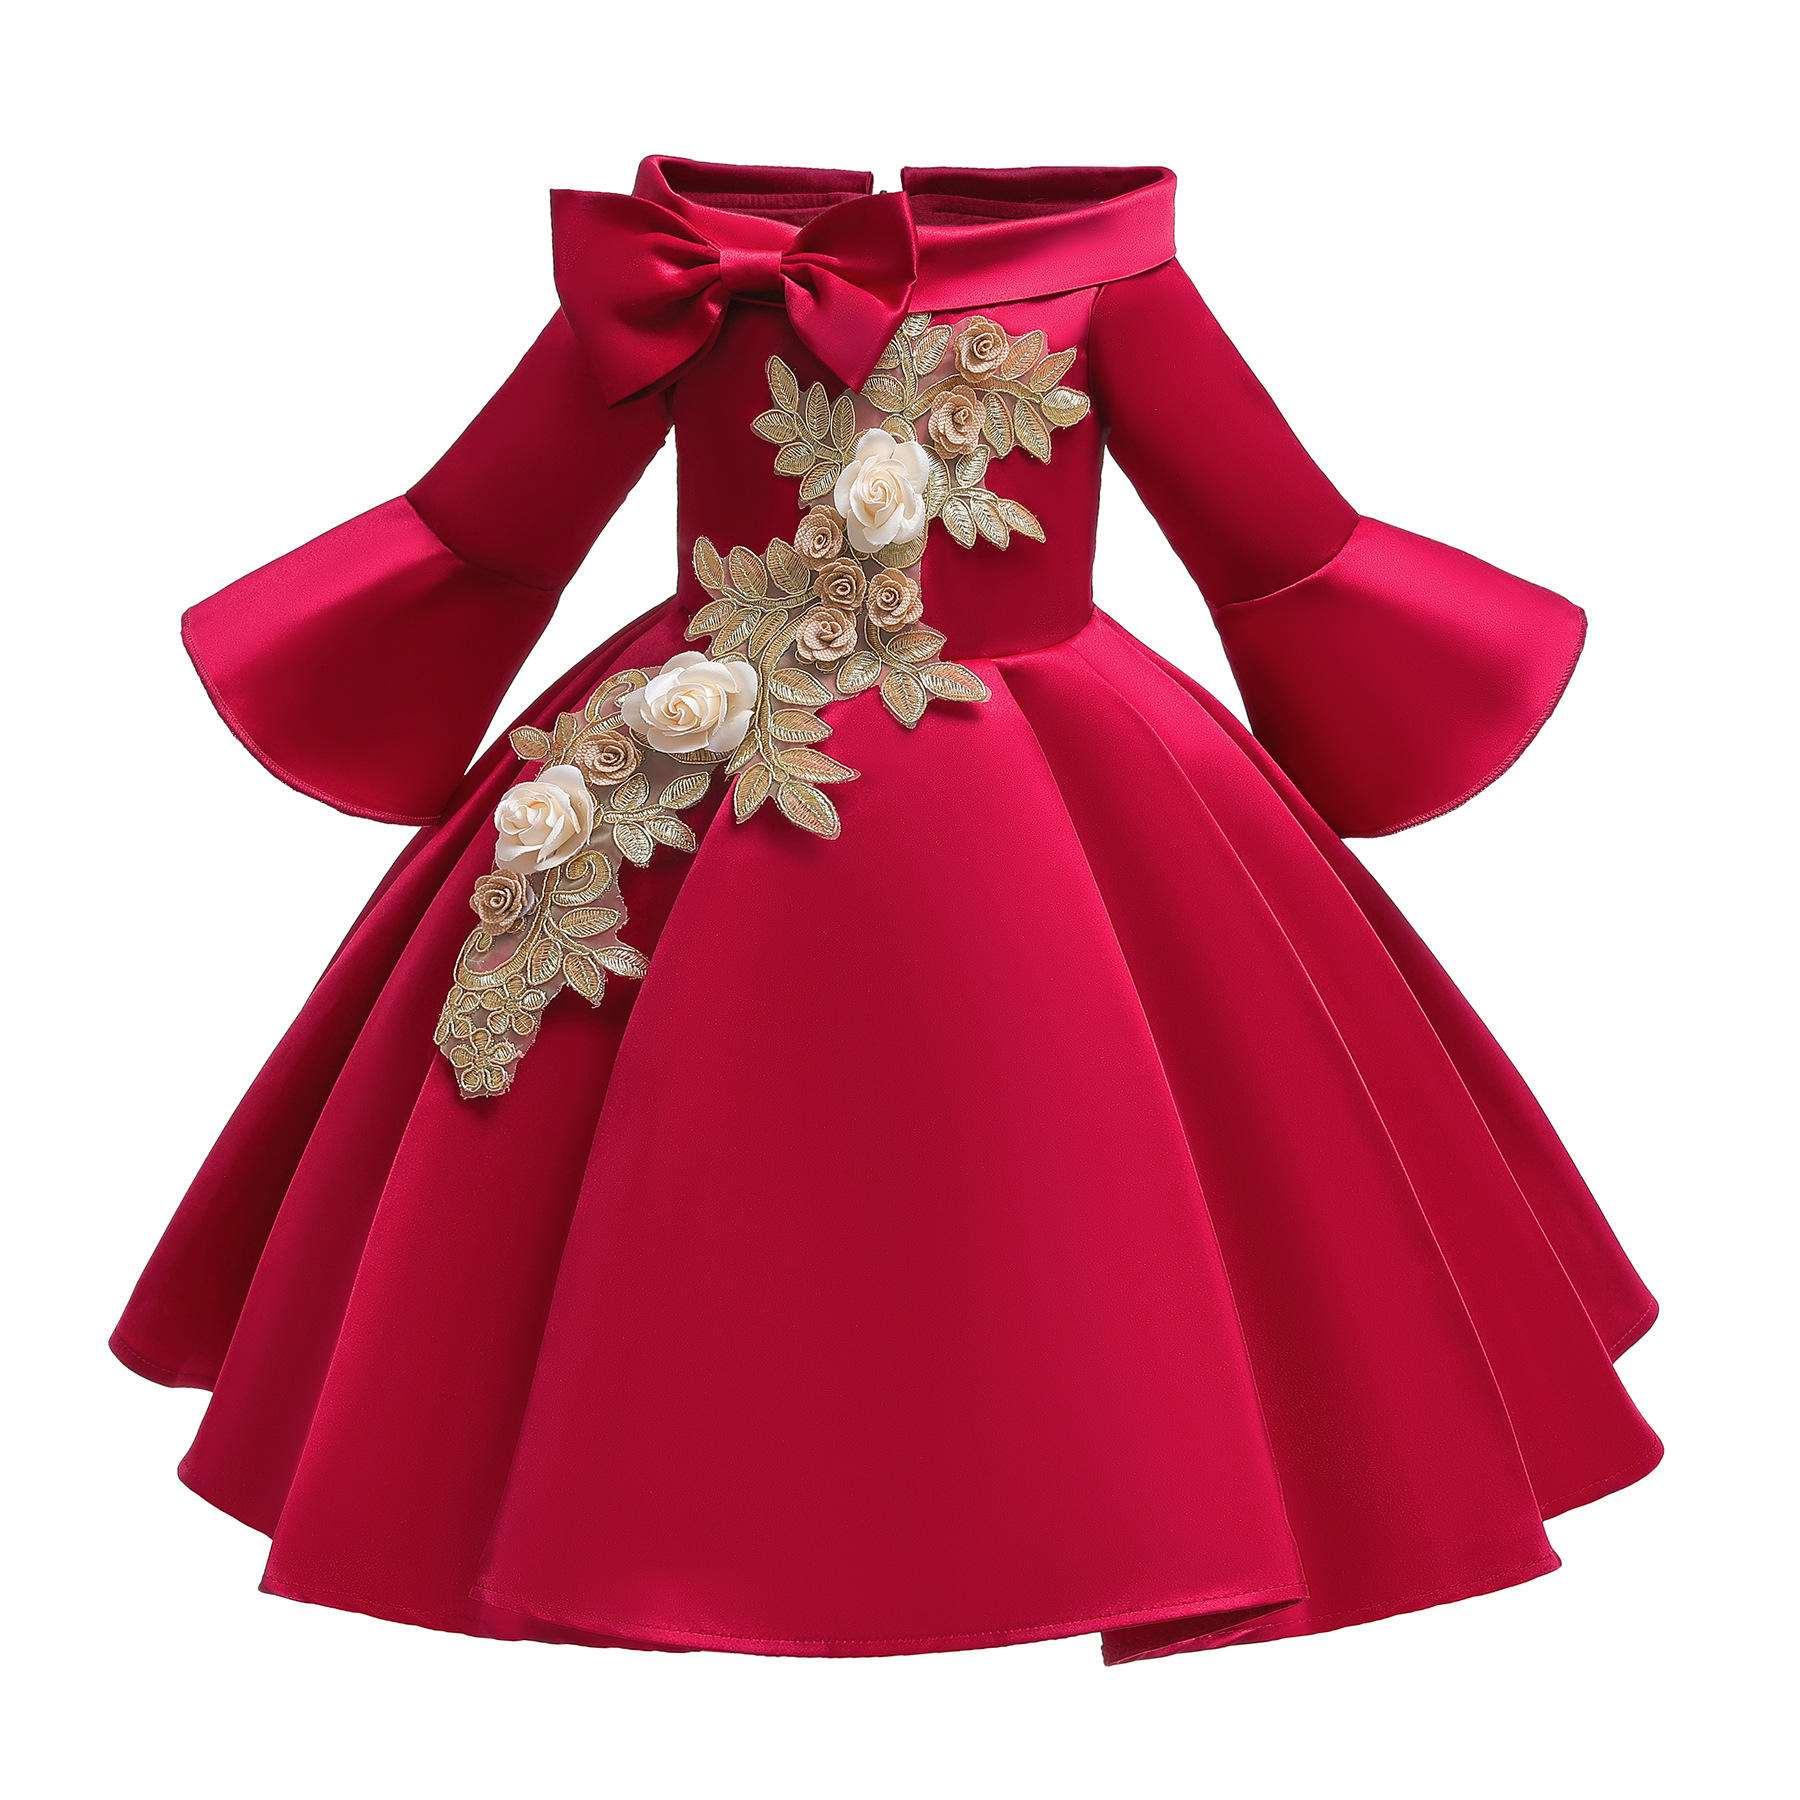 酷驰2020童装欧美童裙圣诞新年女童连衣裙 绣花儿童礼服裙